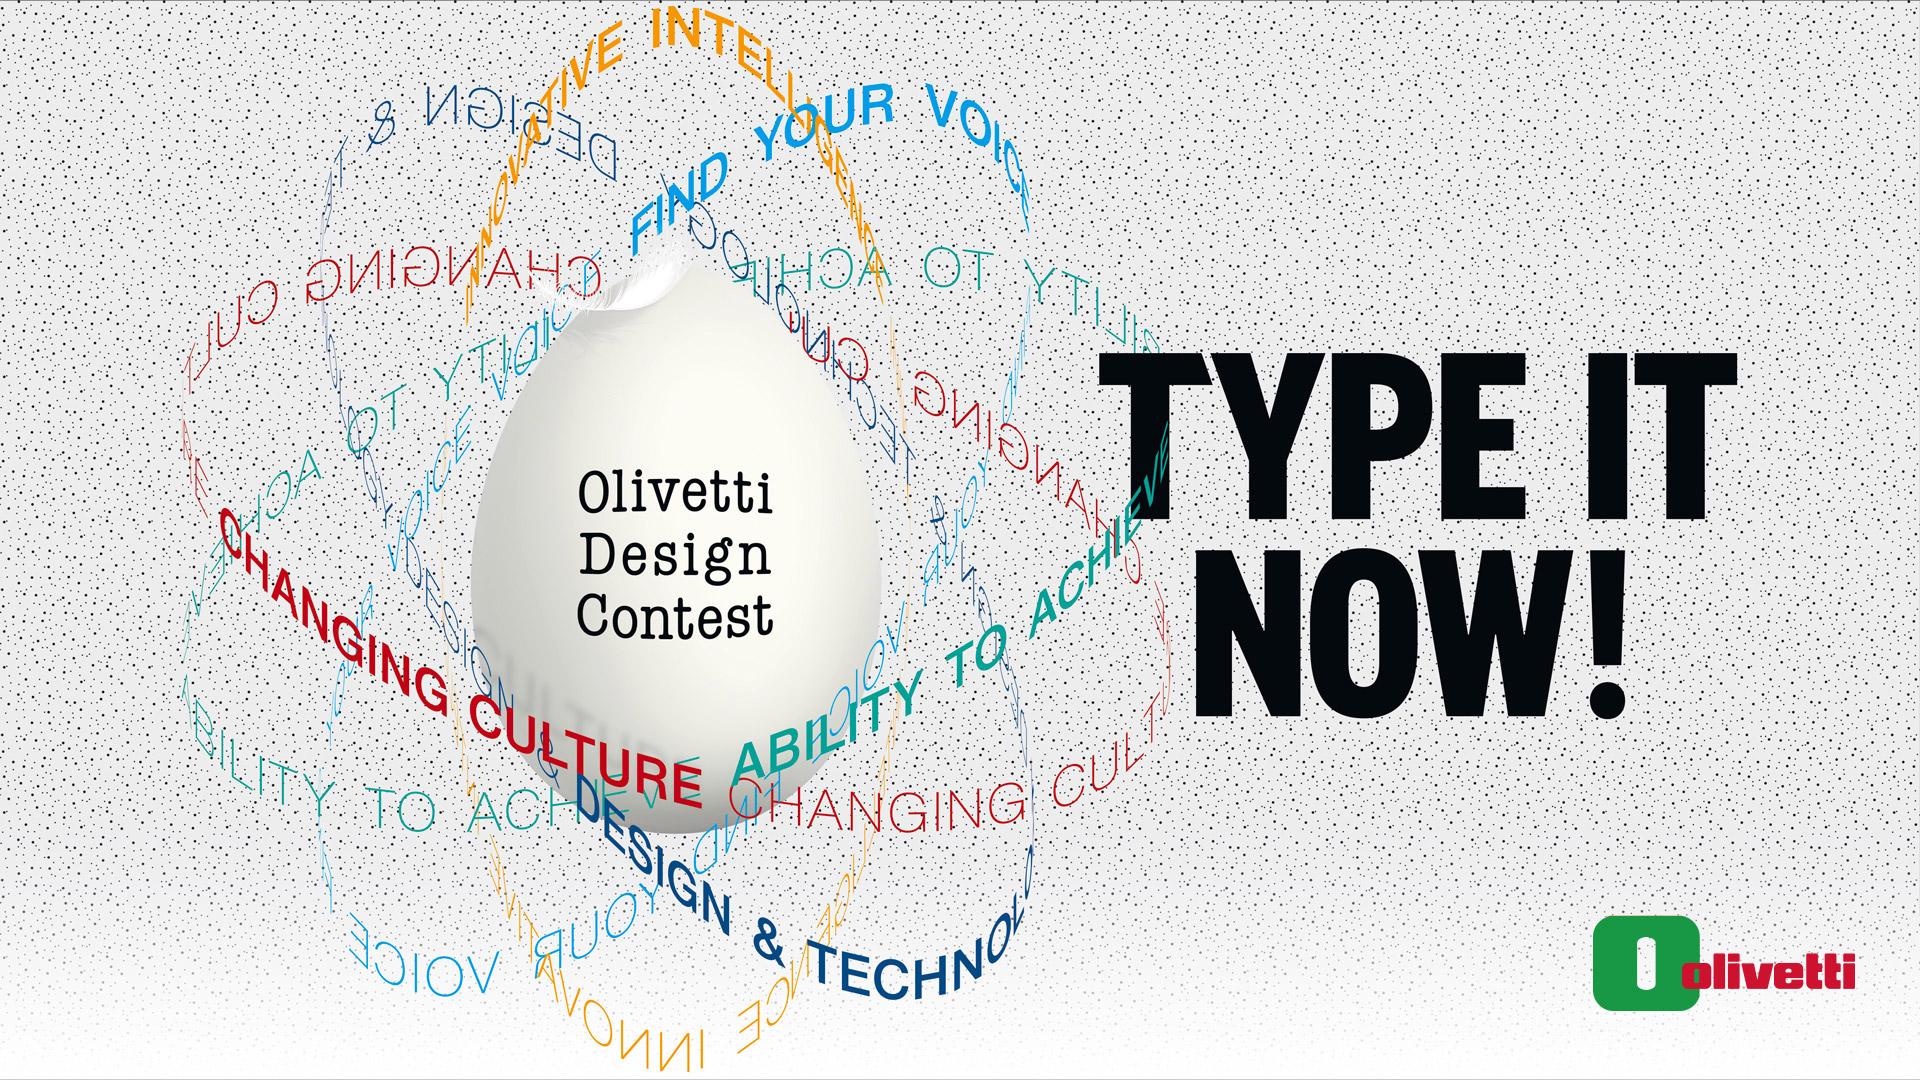 Premiati da Olivetti i vincitori della quarta edizione dell'Olivetti Design Contest